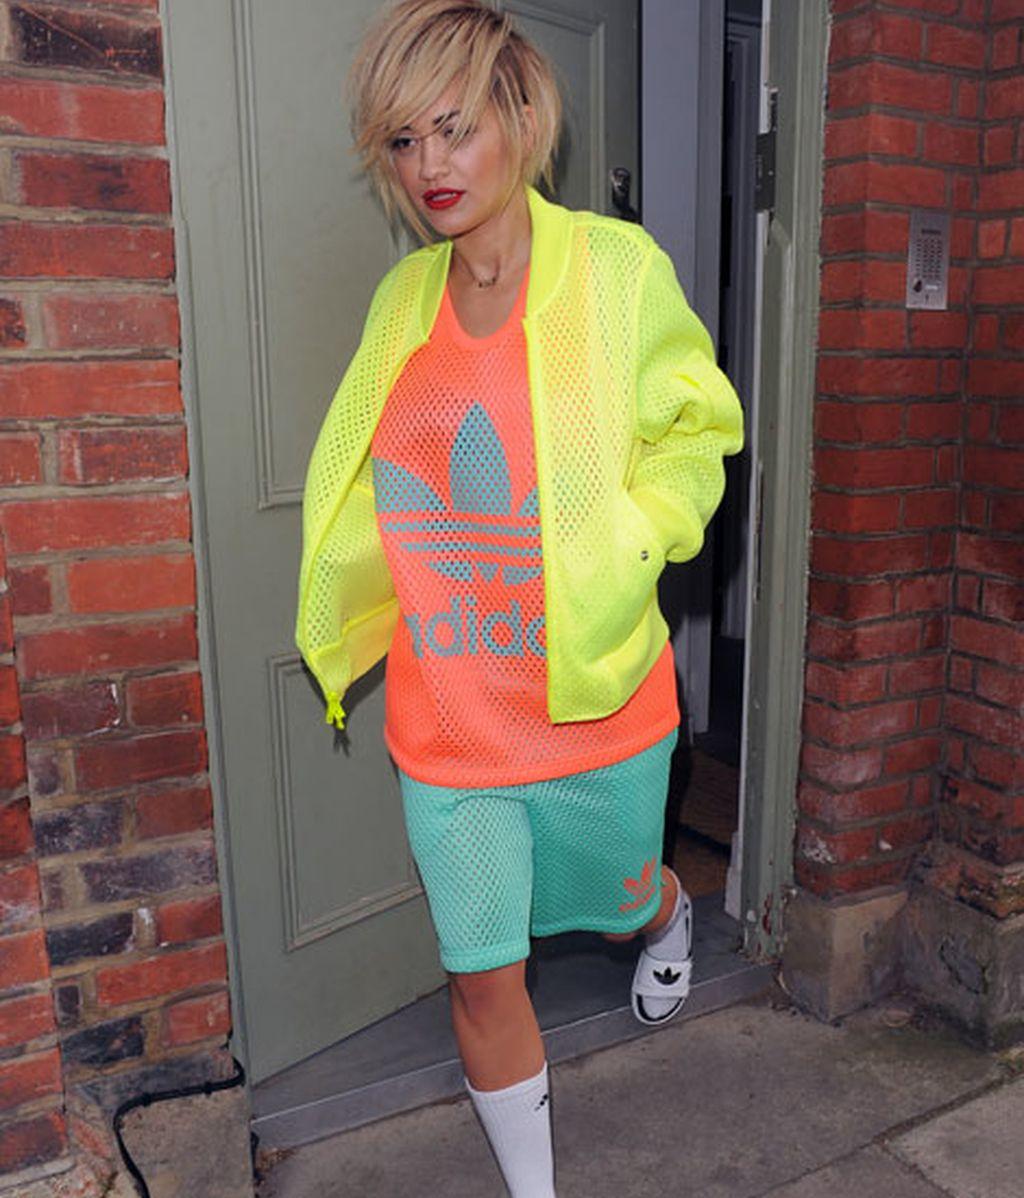 Chanclas con calcetines + colores flúor = Rita Ora